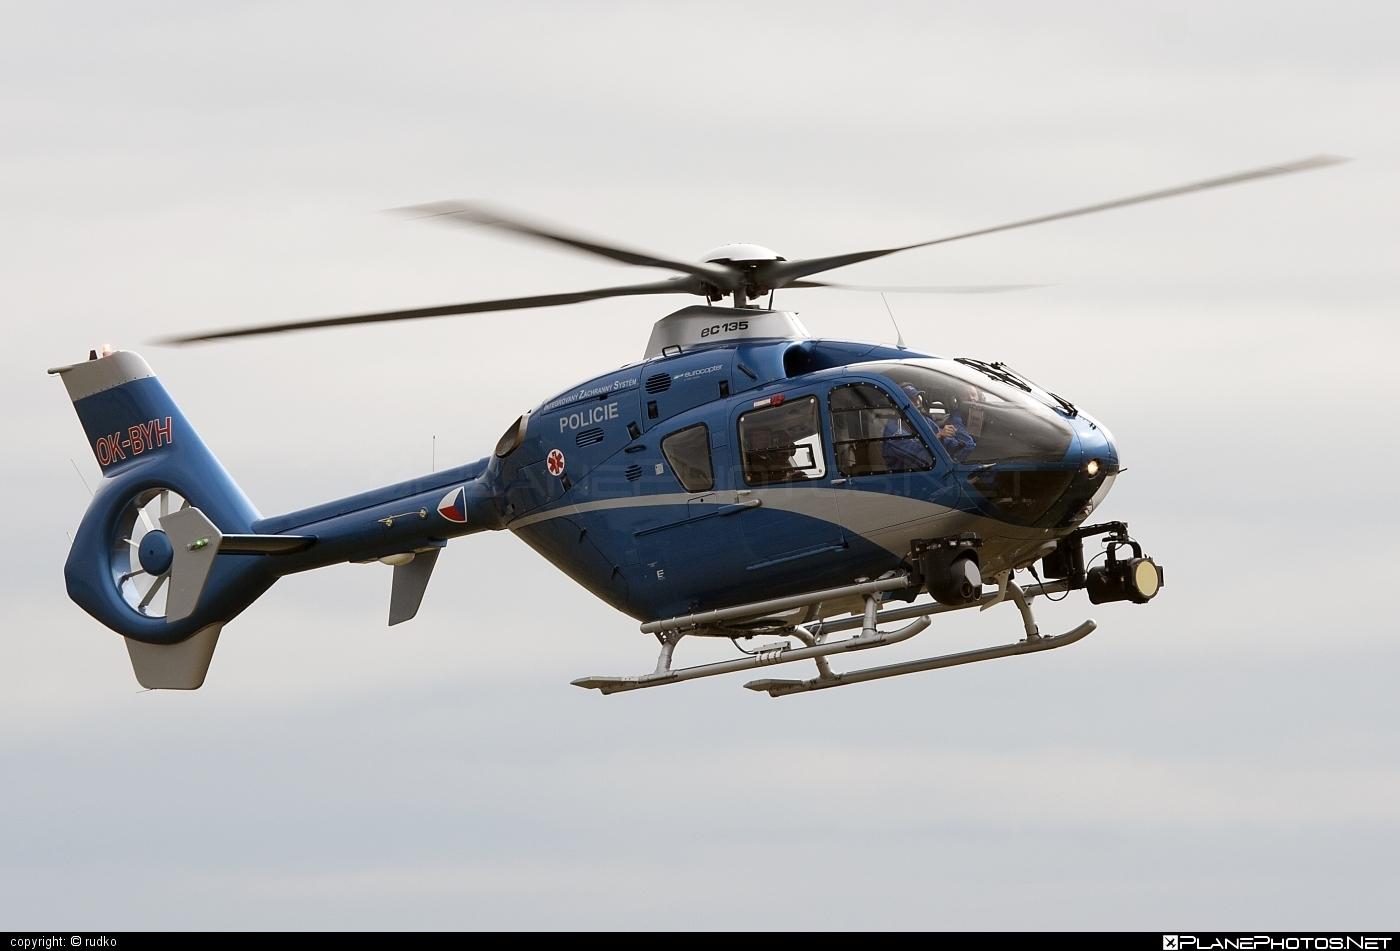 Eurocopter EC135 T2 - OK-BYH operated by Policie ČR (Czech Police) #czechpolice #ec135 #ec135t2 #eurocopter #natodays #natodays2012 #policiecr